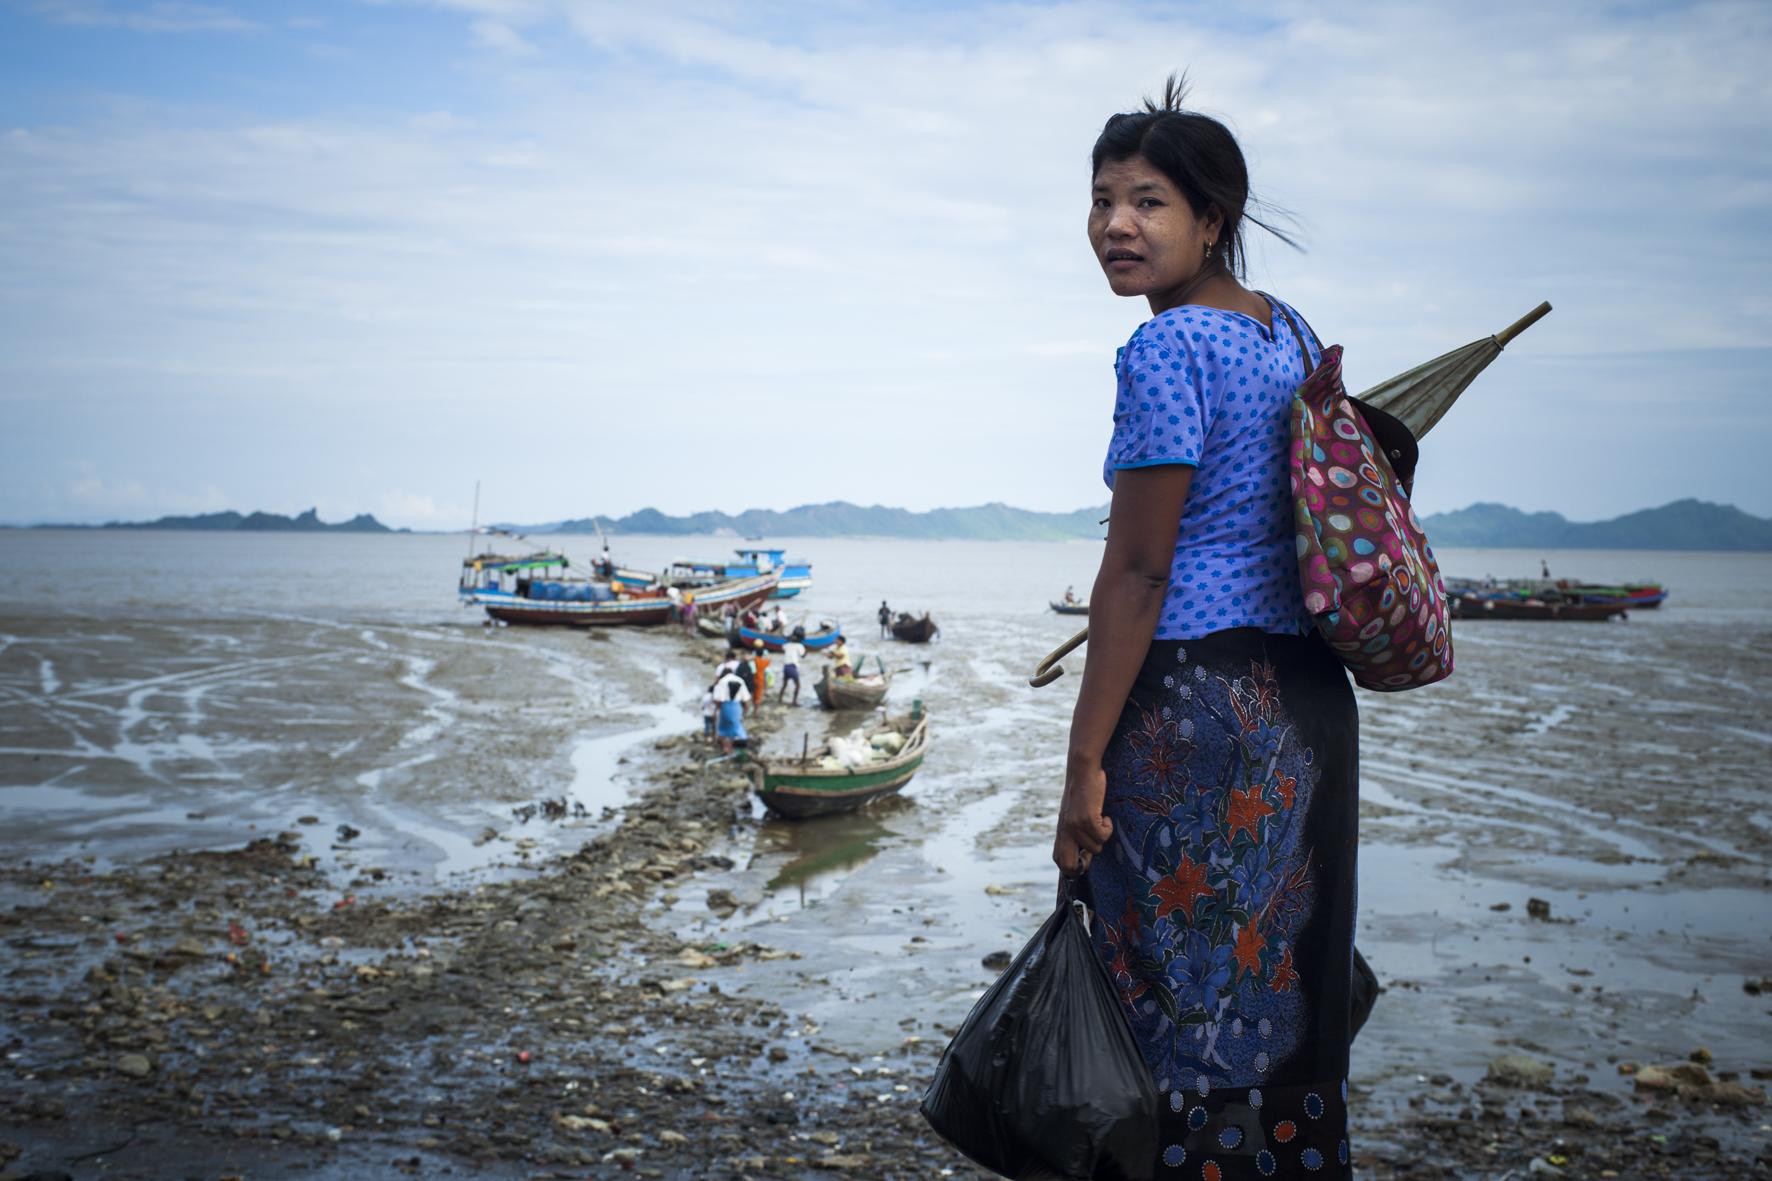 Le nouveau gouvernement birman doit agir vite pour mettre fin à la crise qui touche les Rohingyas